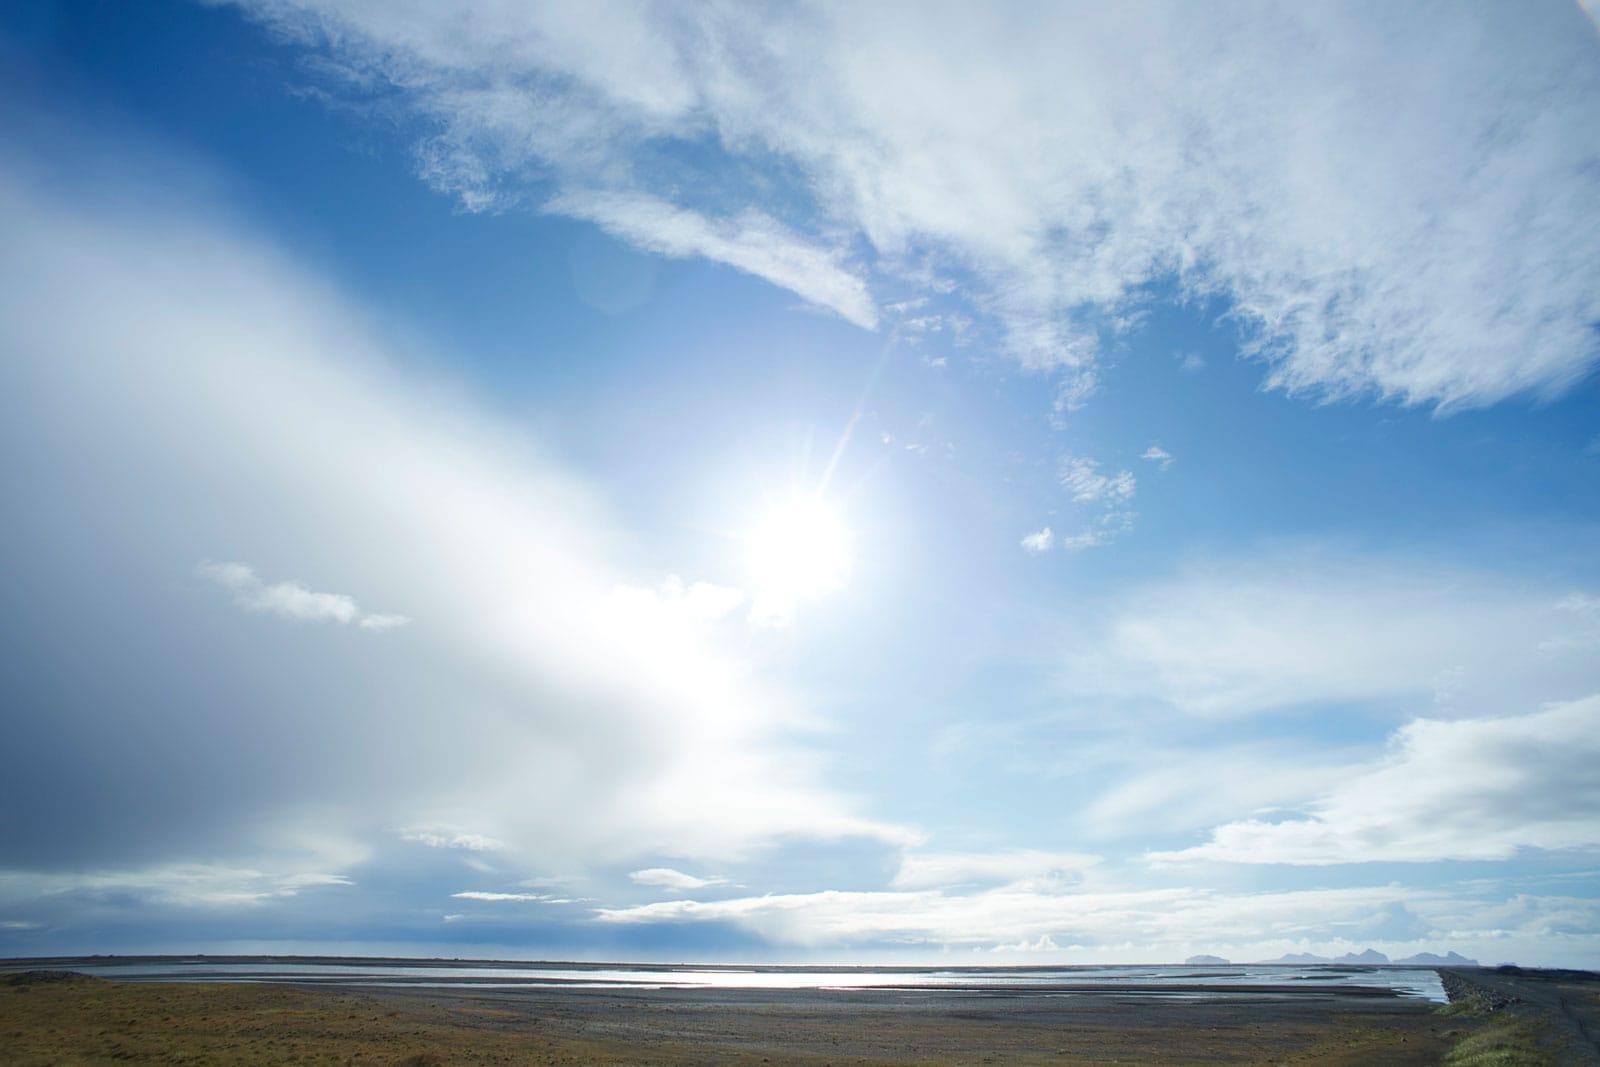 wolkiger Sonnenhimmel über Seenlandschaft